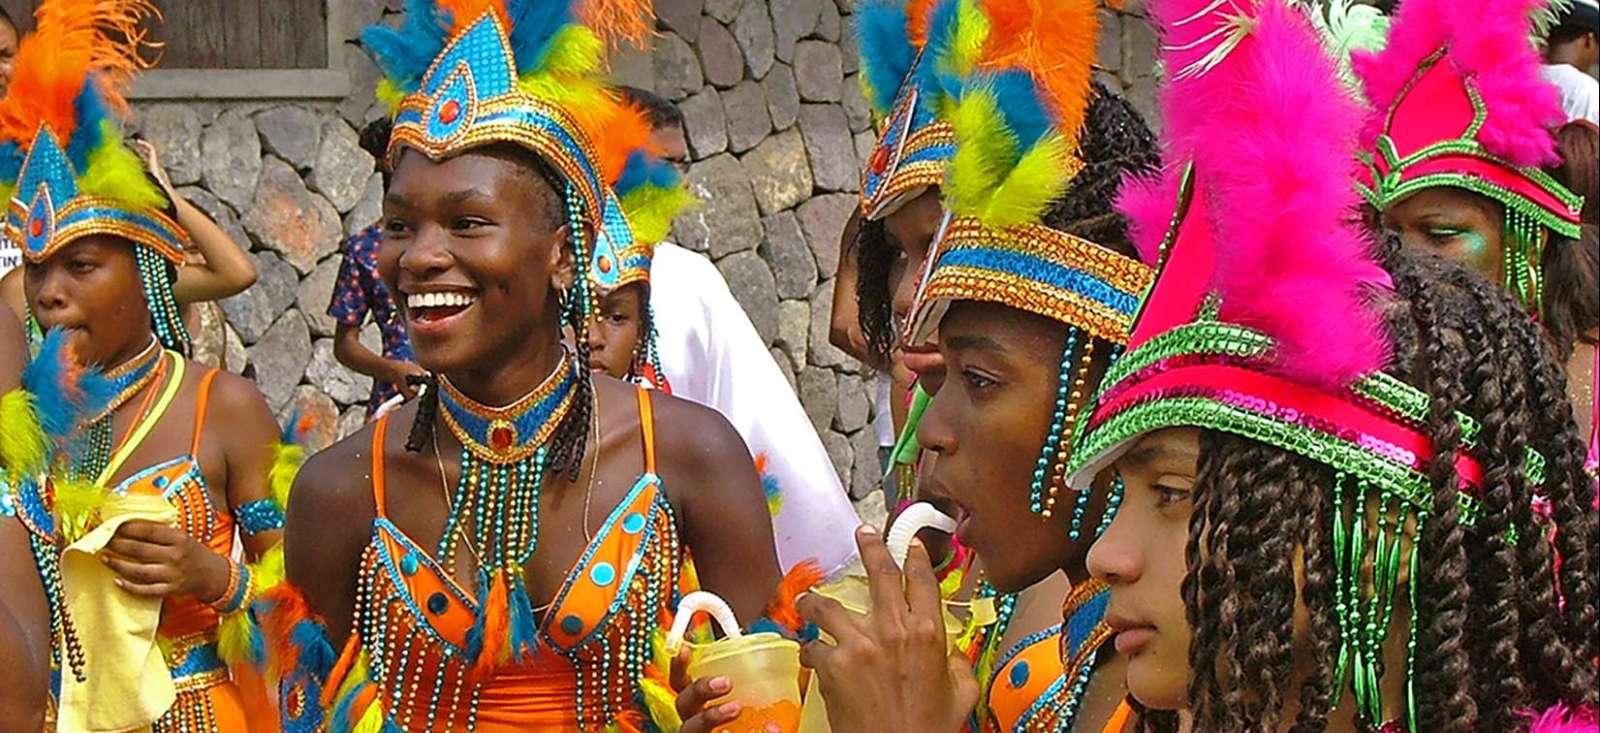 Voyage à pied : Carnaval à la sauce Caraïbe